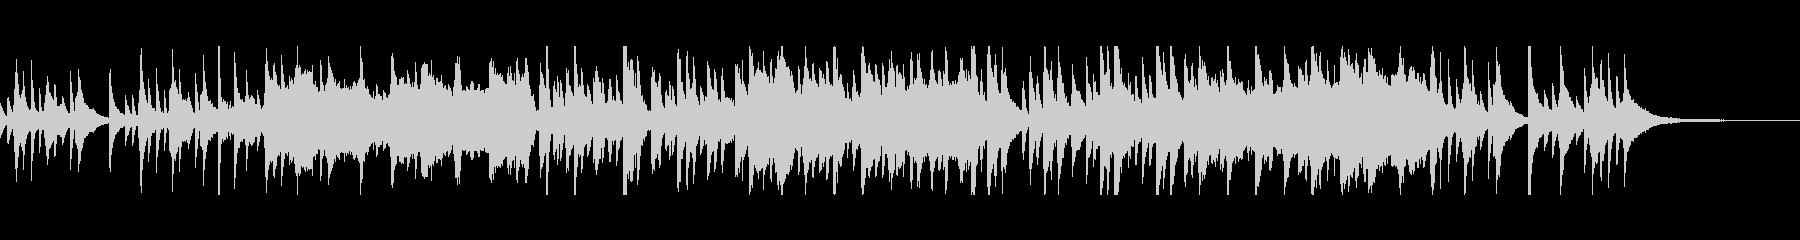 夜のラジオ番組のなどにぴったりな静かな曲の未再生の波形